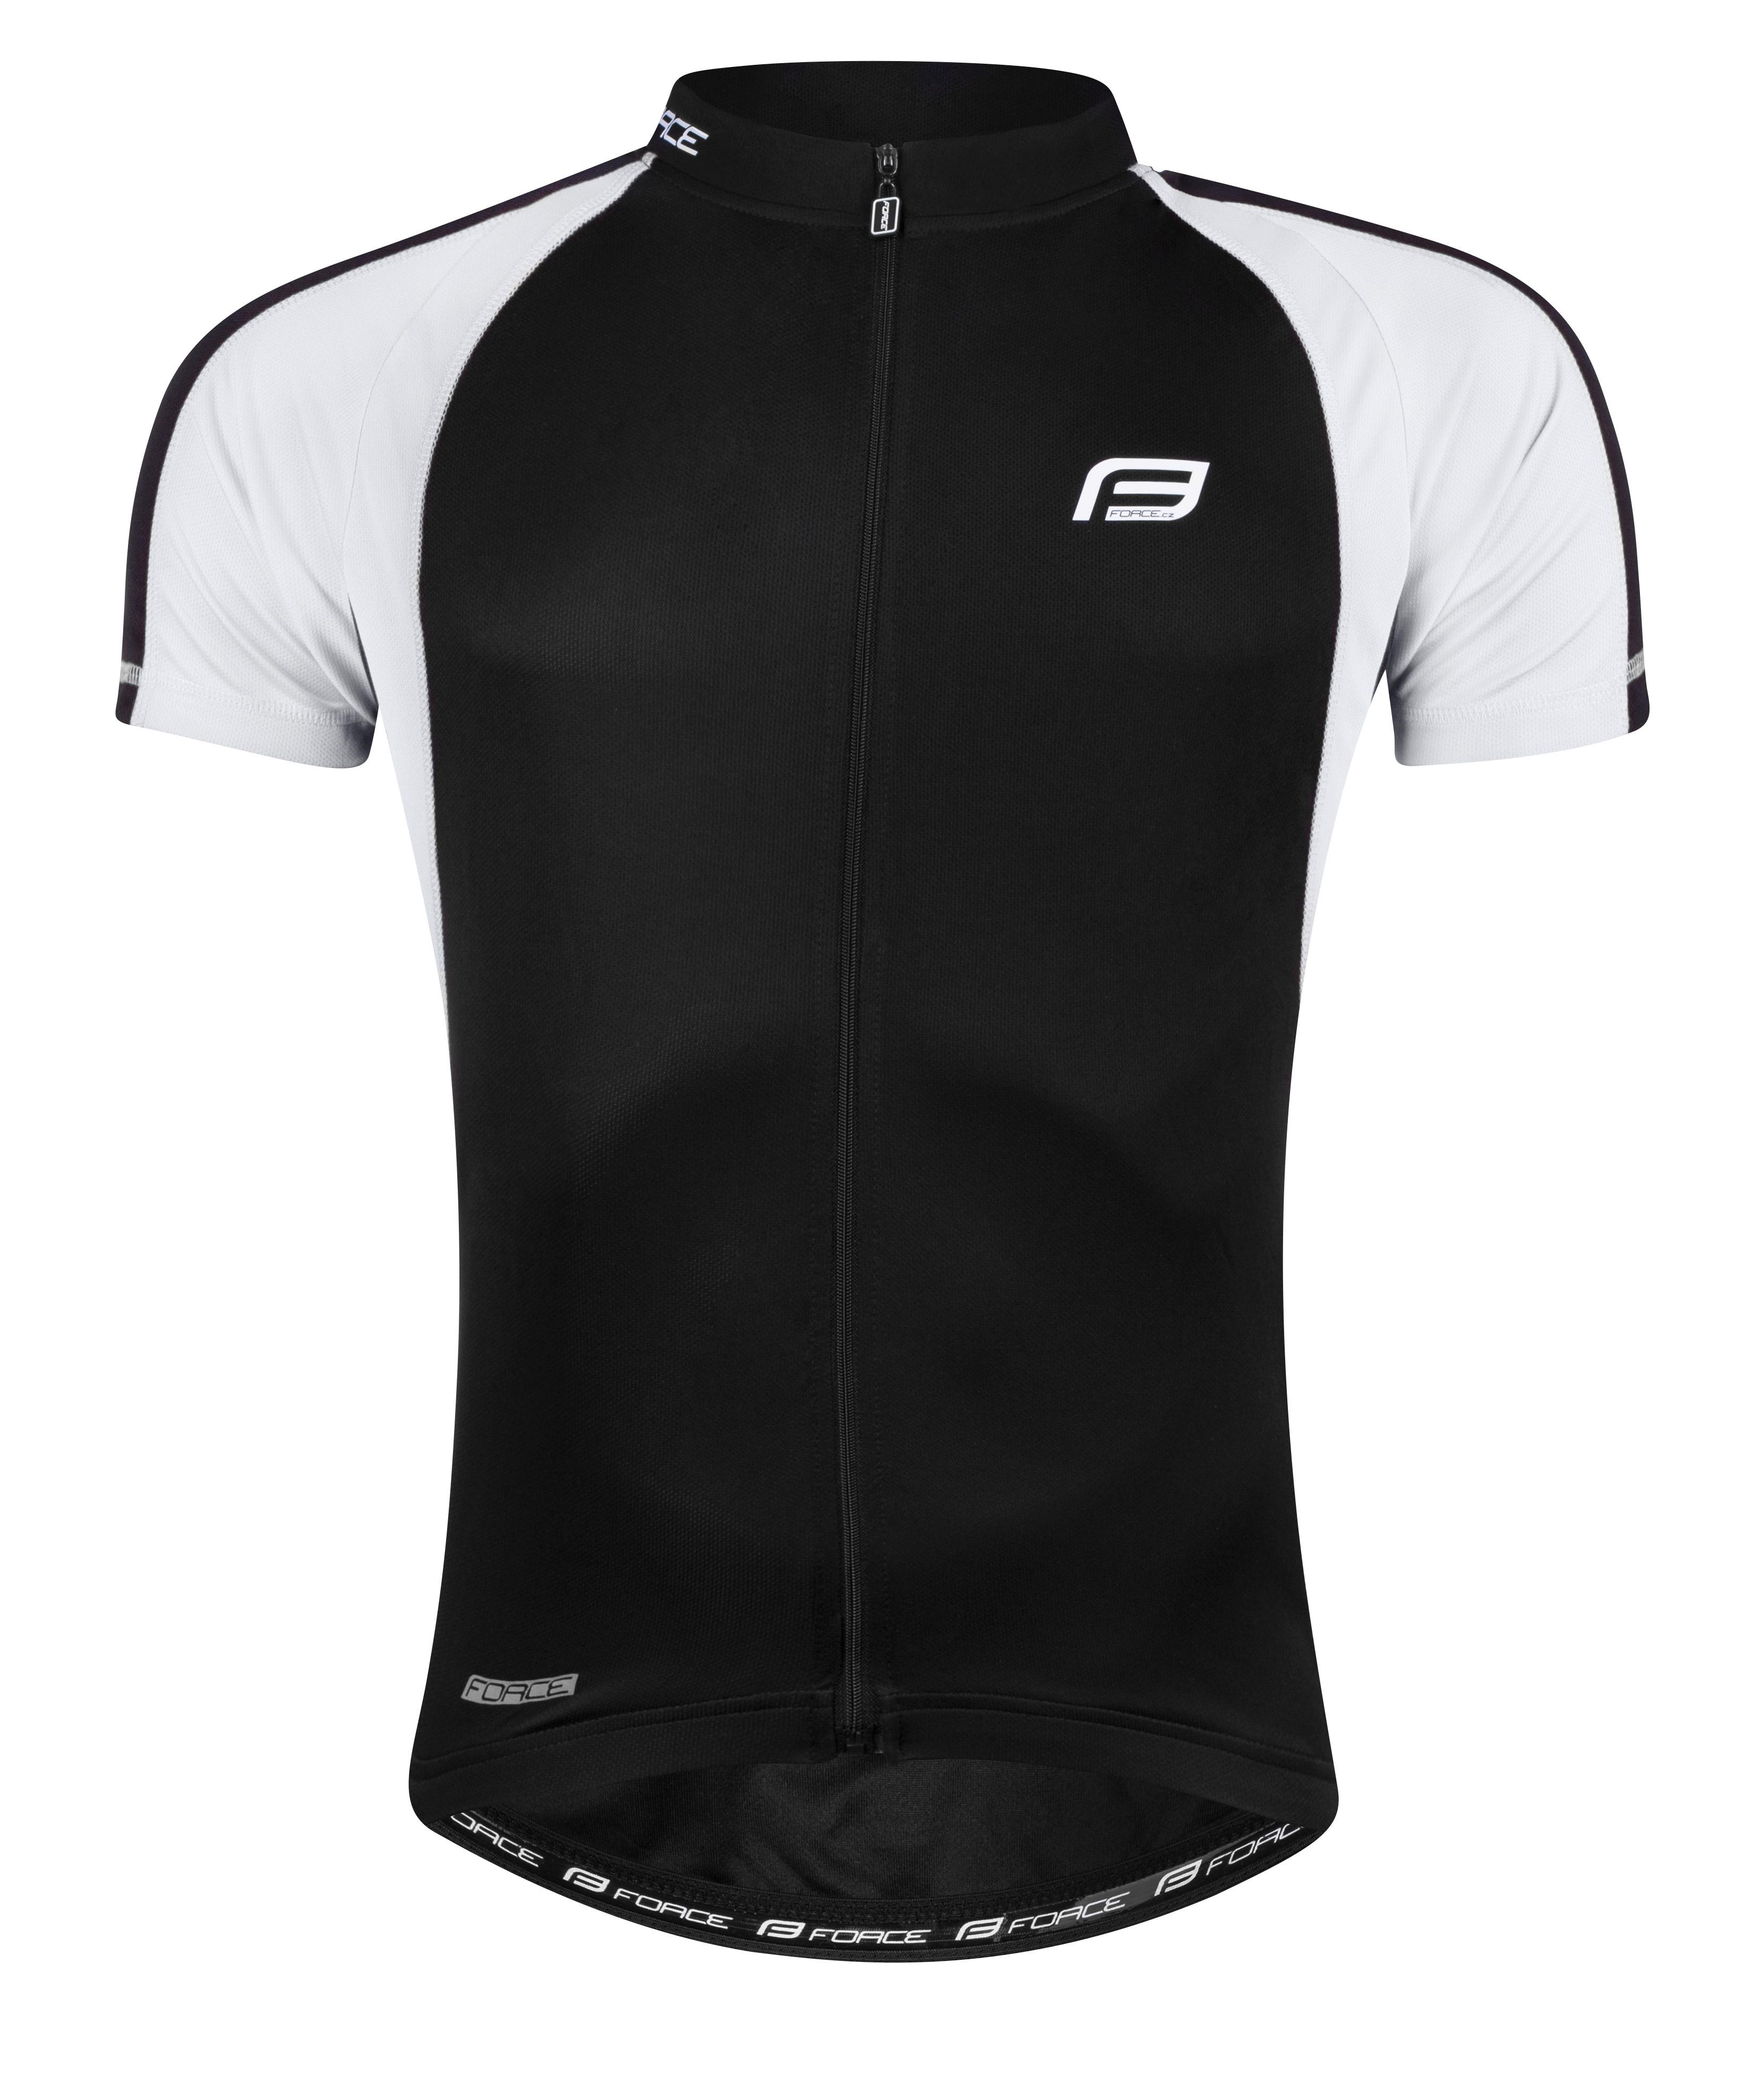 dres FORCE T10  krátký rukáv, černo-bílý L